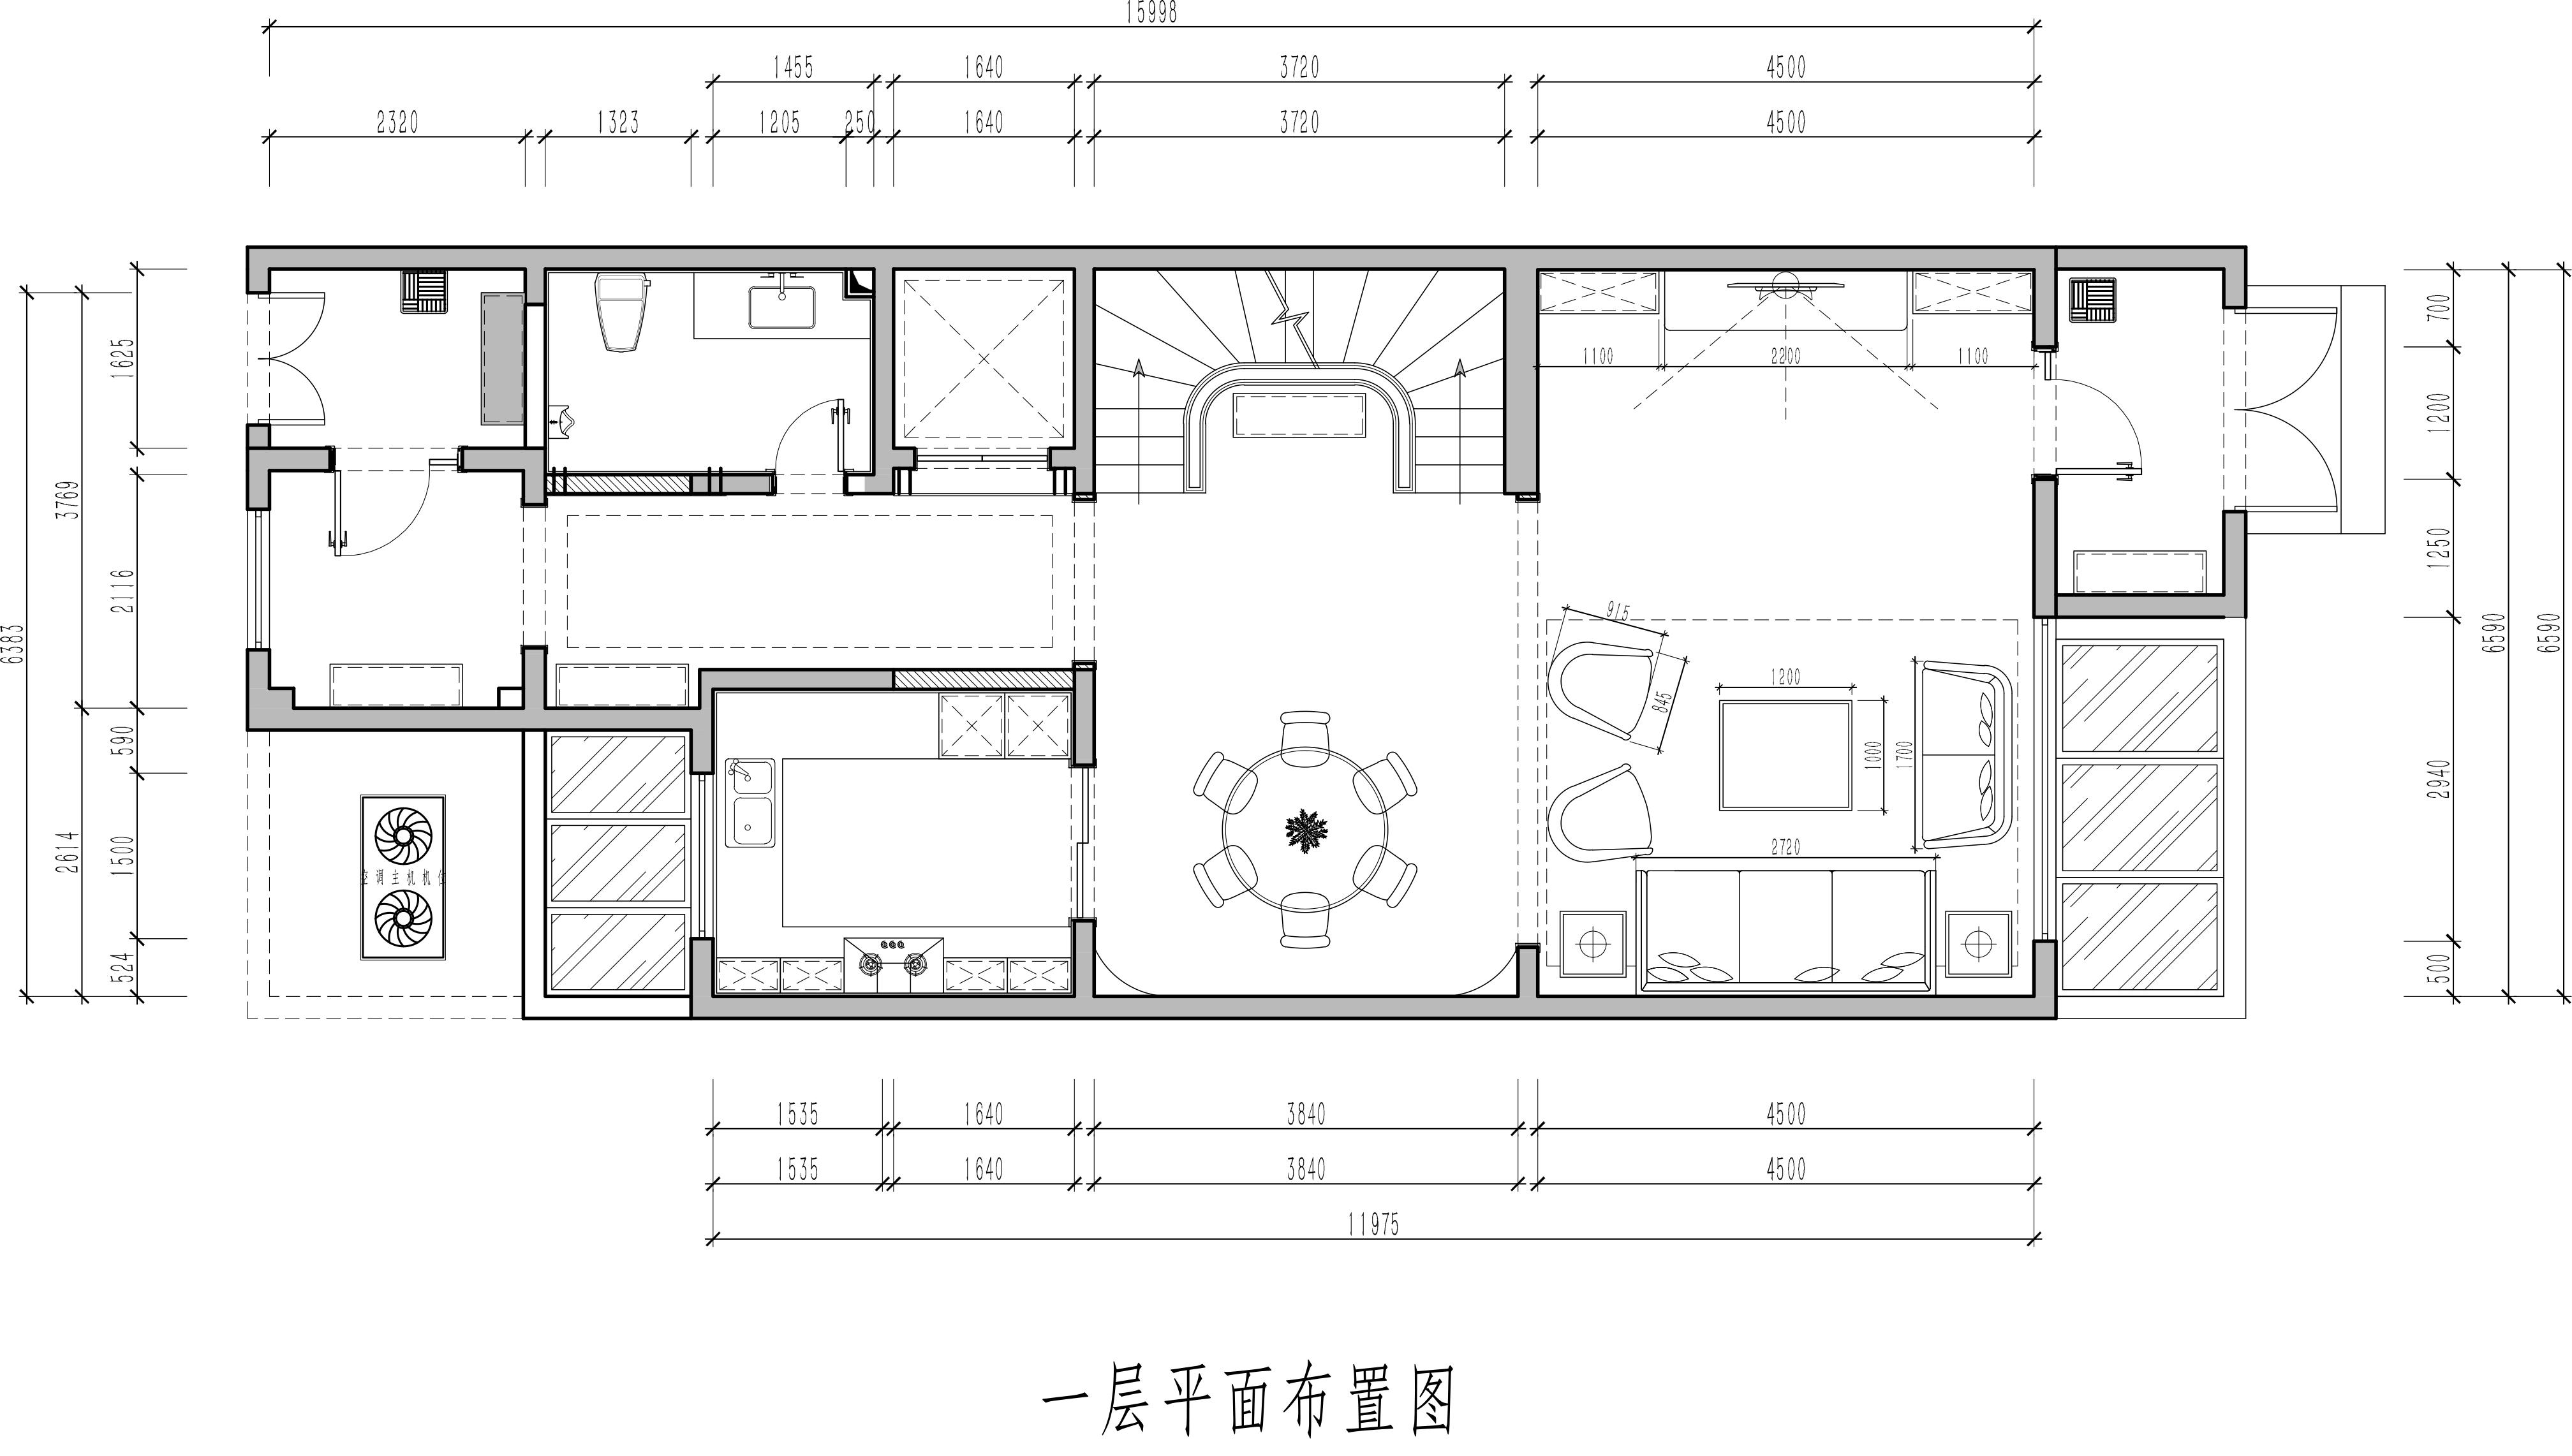 泷悦长安 混搭风格 430平米装修设计理念